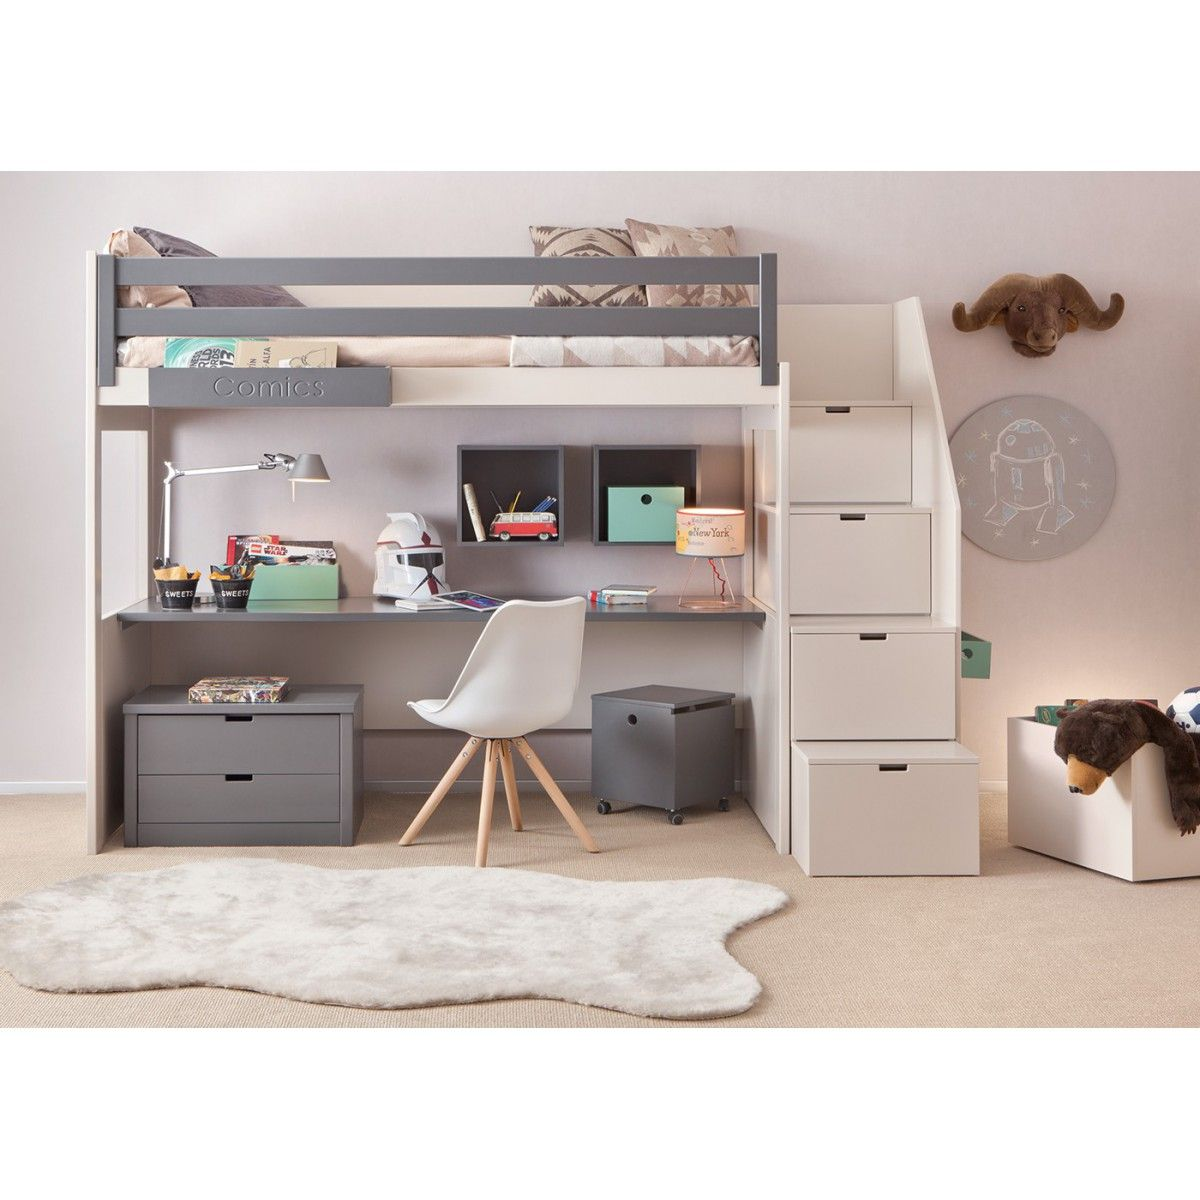 Chambre complete pour enfants ados avec lit mezzanine, bureau et ...